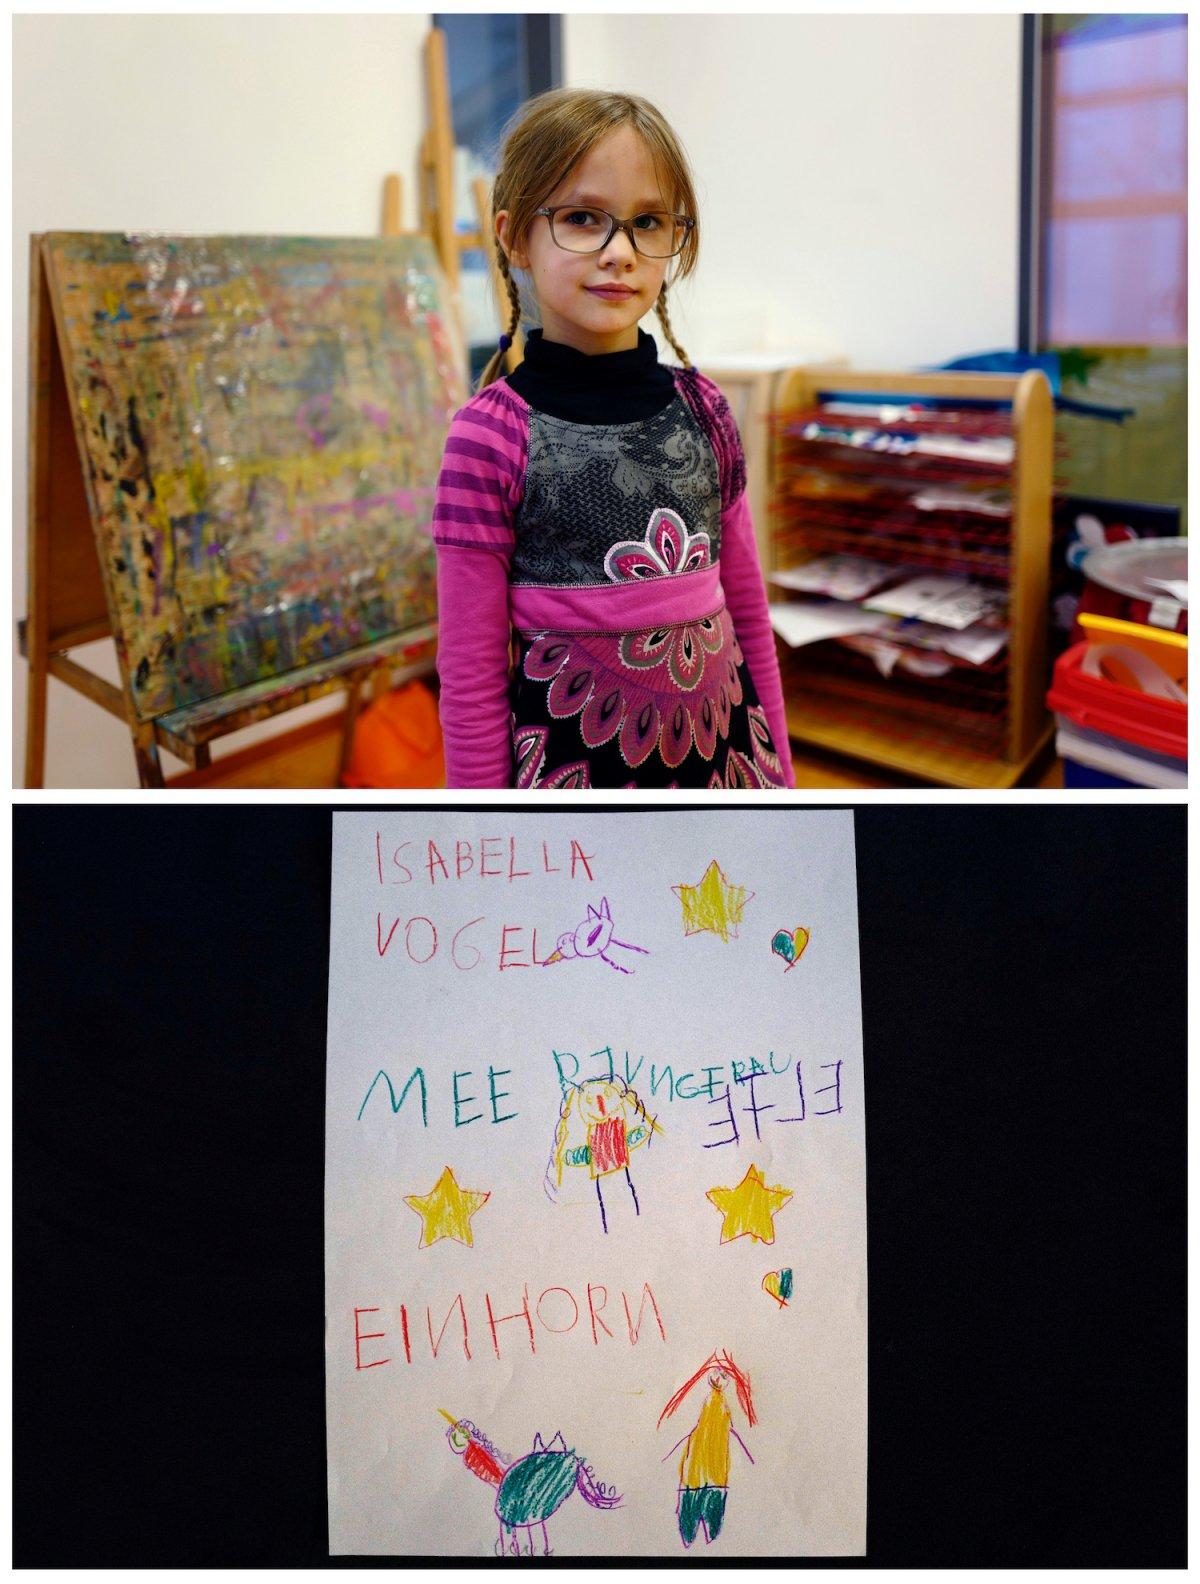 11. Пятилетняя Изабелла из Германии надеется, что Санта принесет ей мягкие игруши – птицу, русалку, единорога и эльфа.